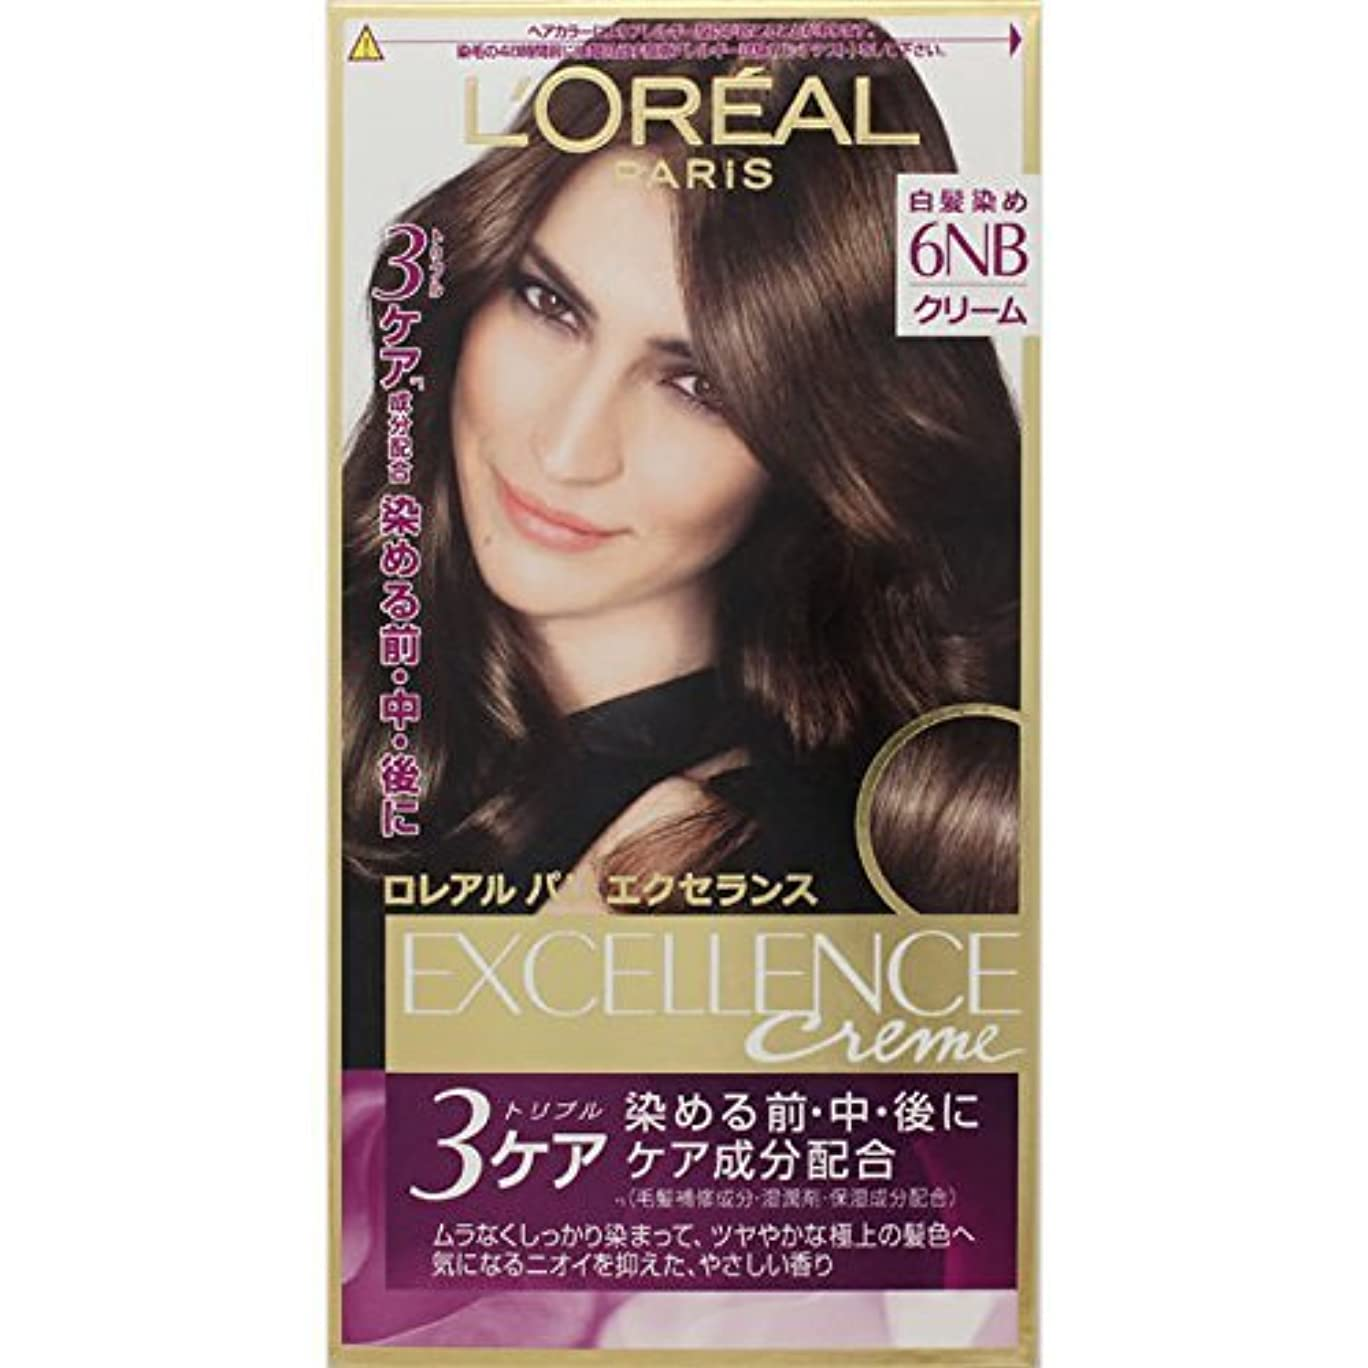 困ったテンションリブロレアル パリ ヘアカラー 白髪染め エクセランス N クリームタイプ 6NB やや明るい自然な栗色